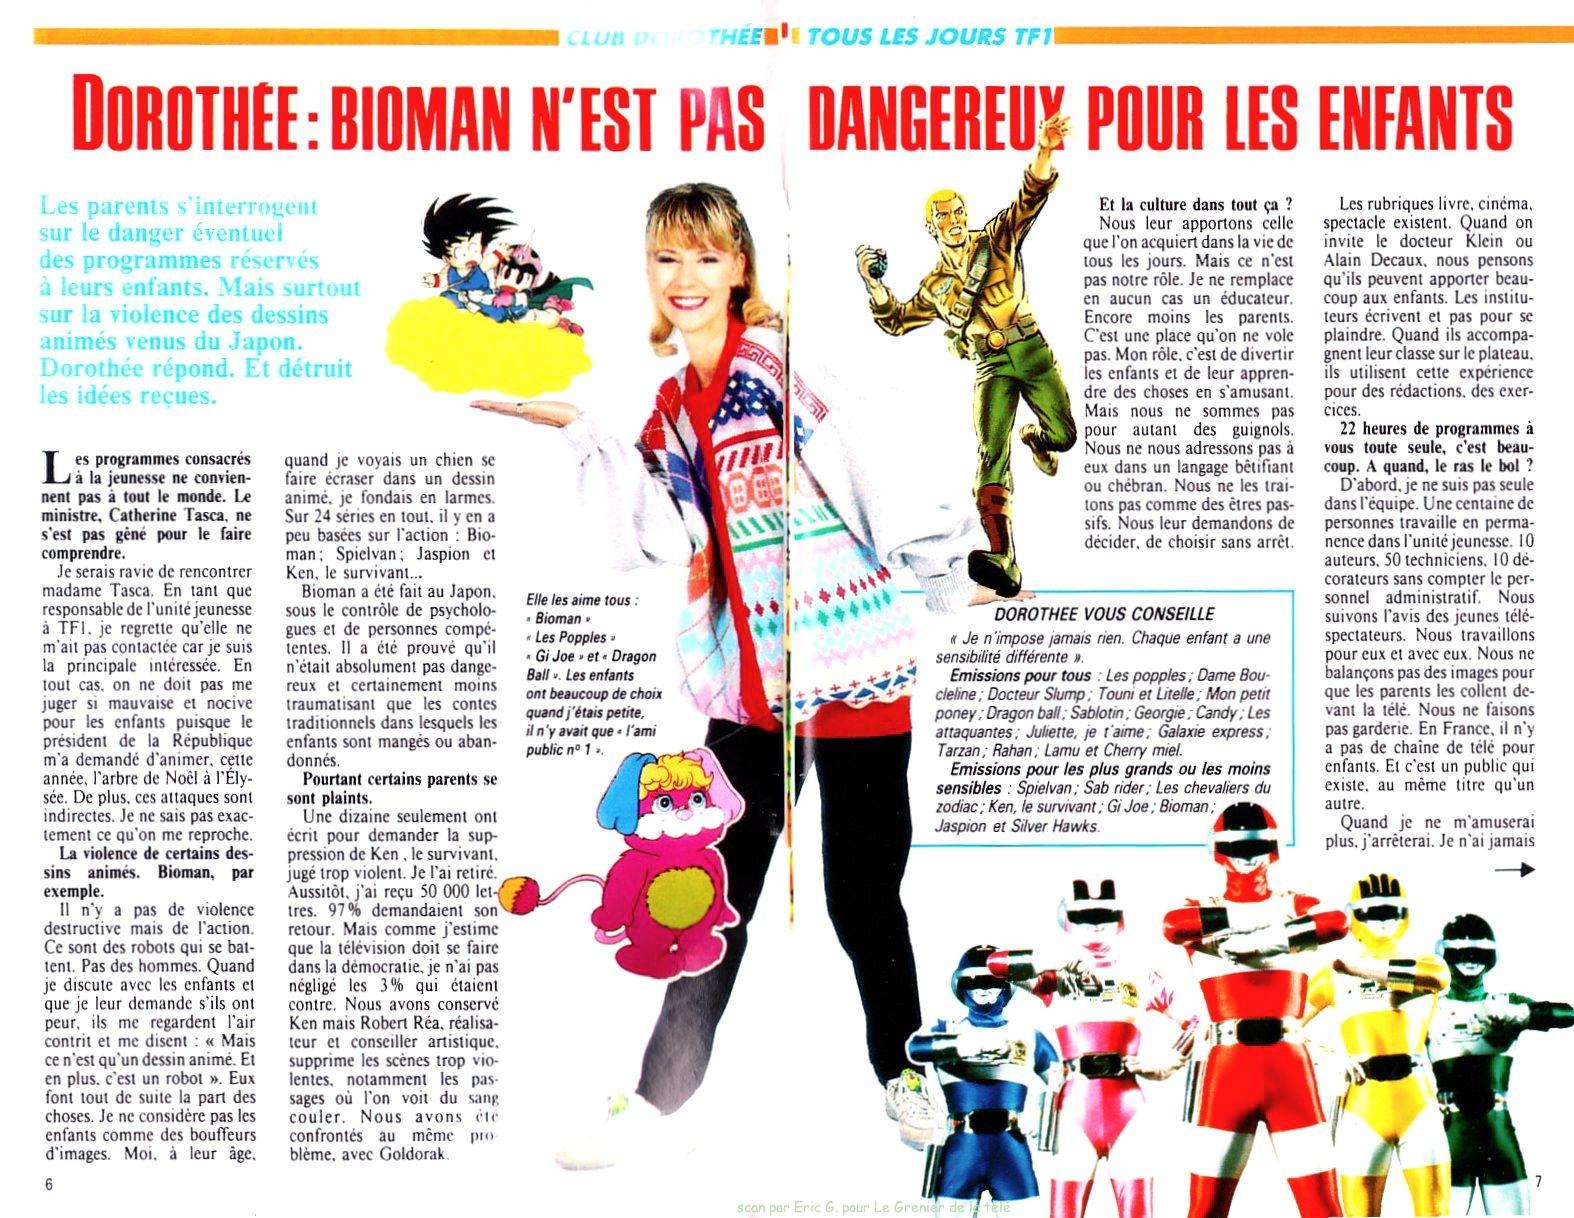 http://grenierdelatv.free.fr/2/Dorotheetp118902.jpg